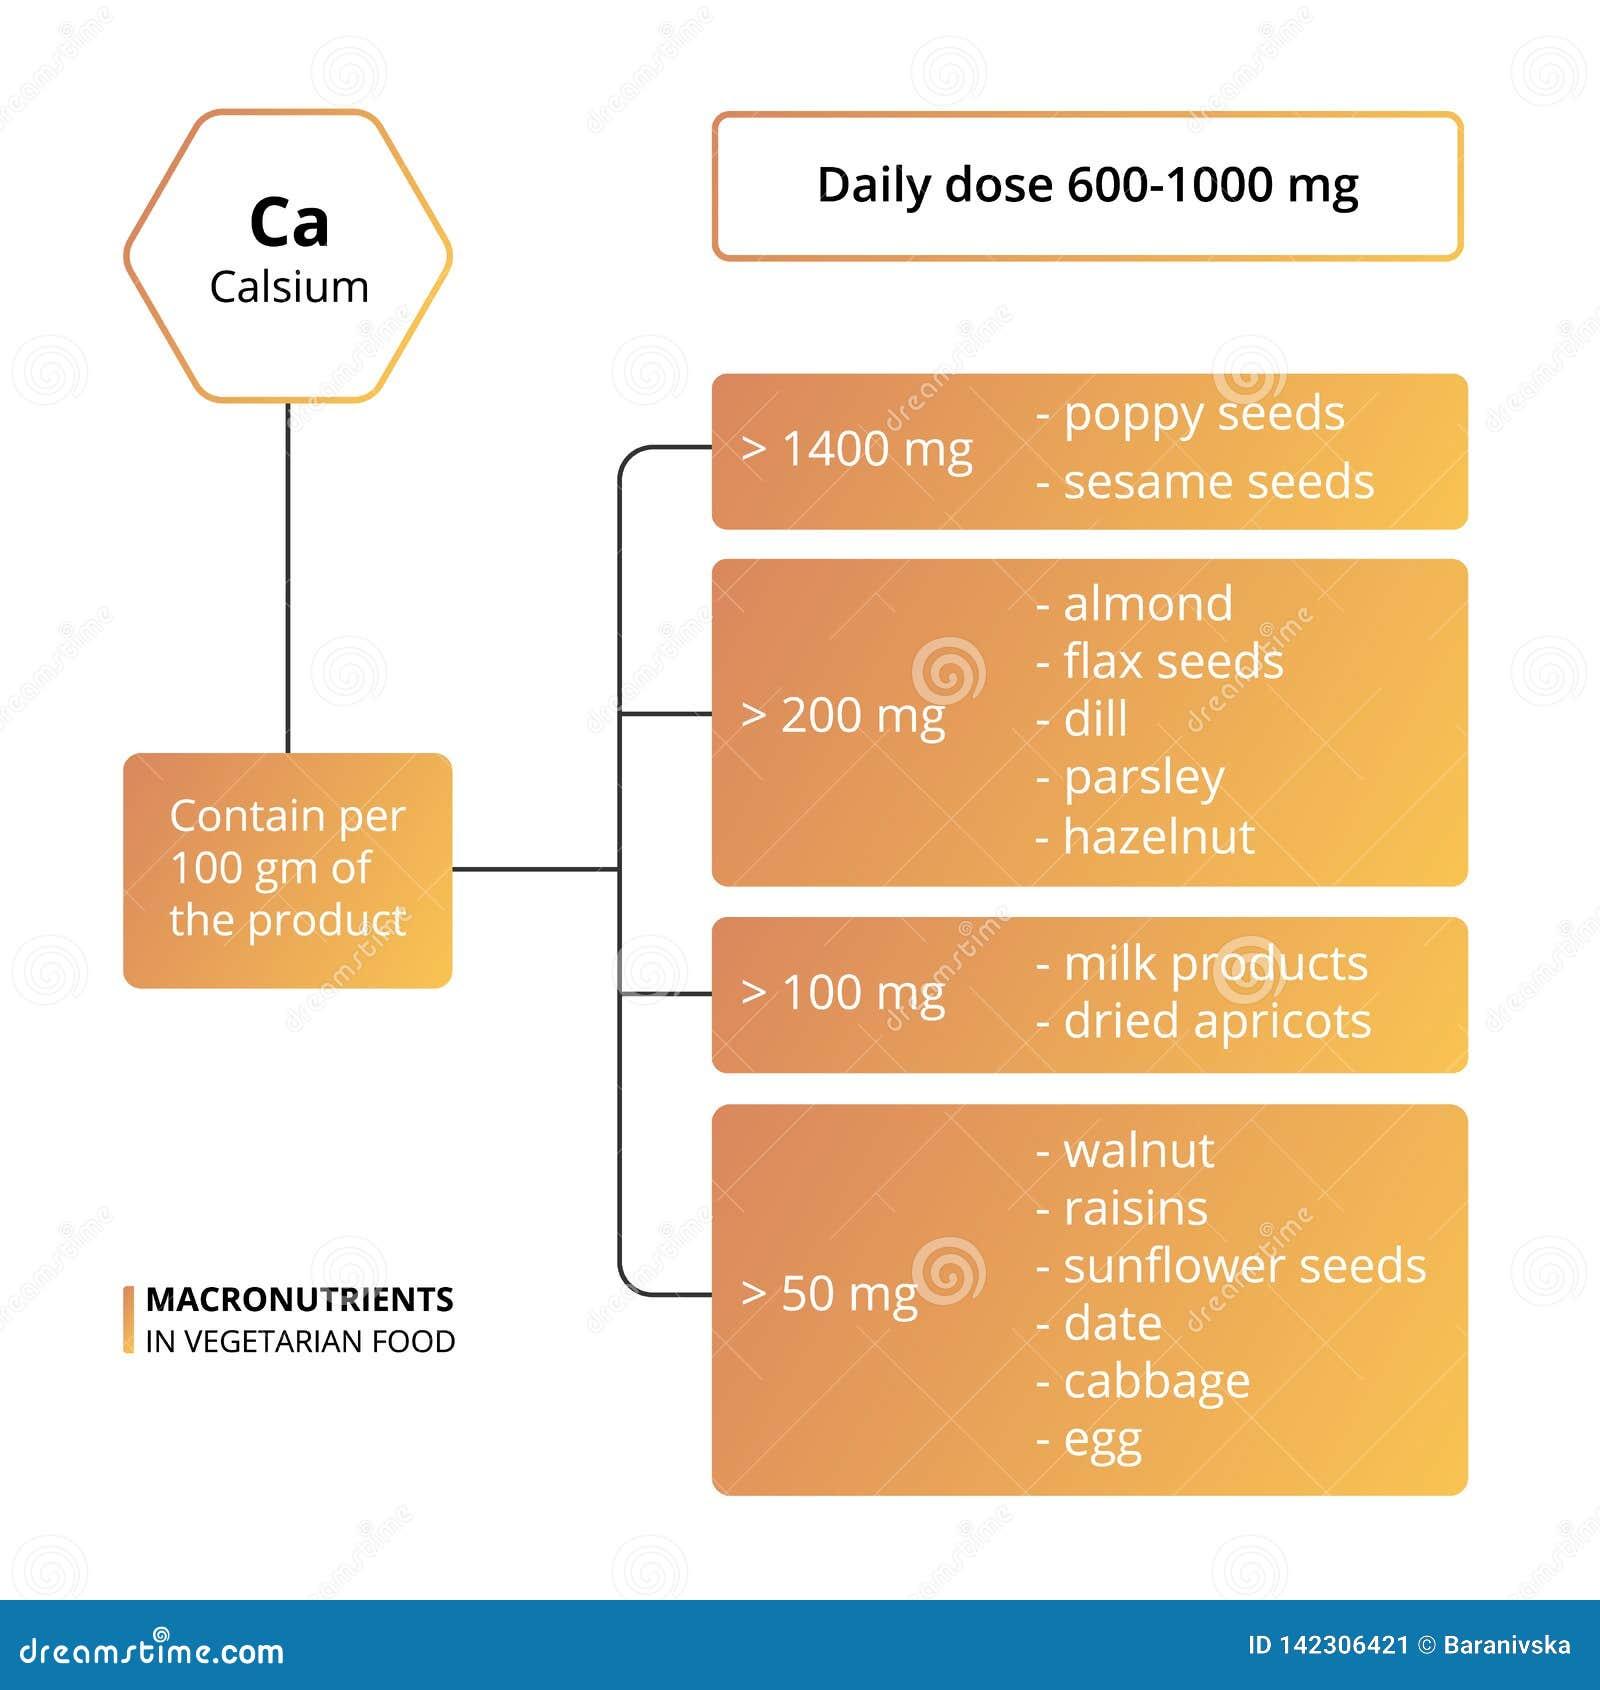 Βασικά macronutrients ασβεστίου